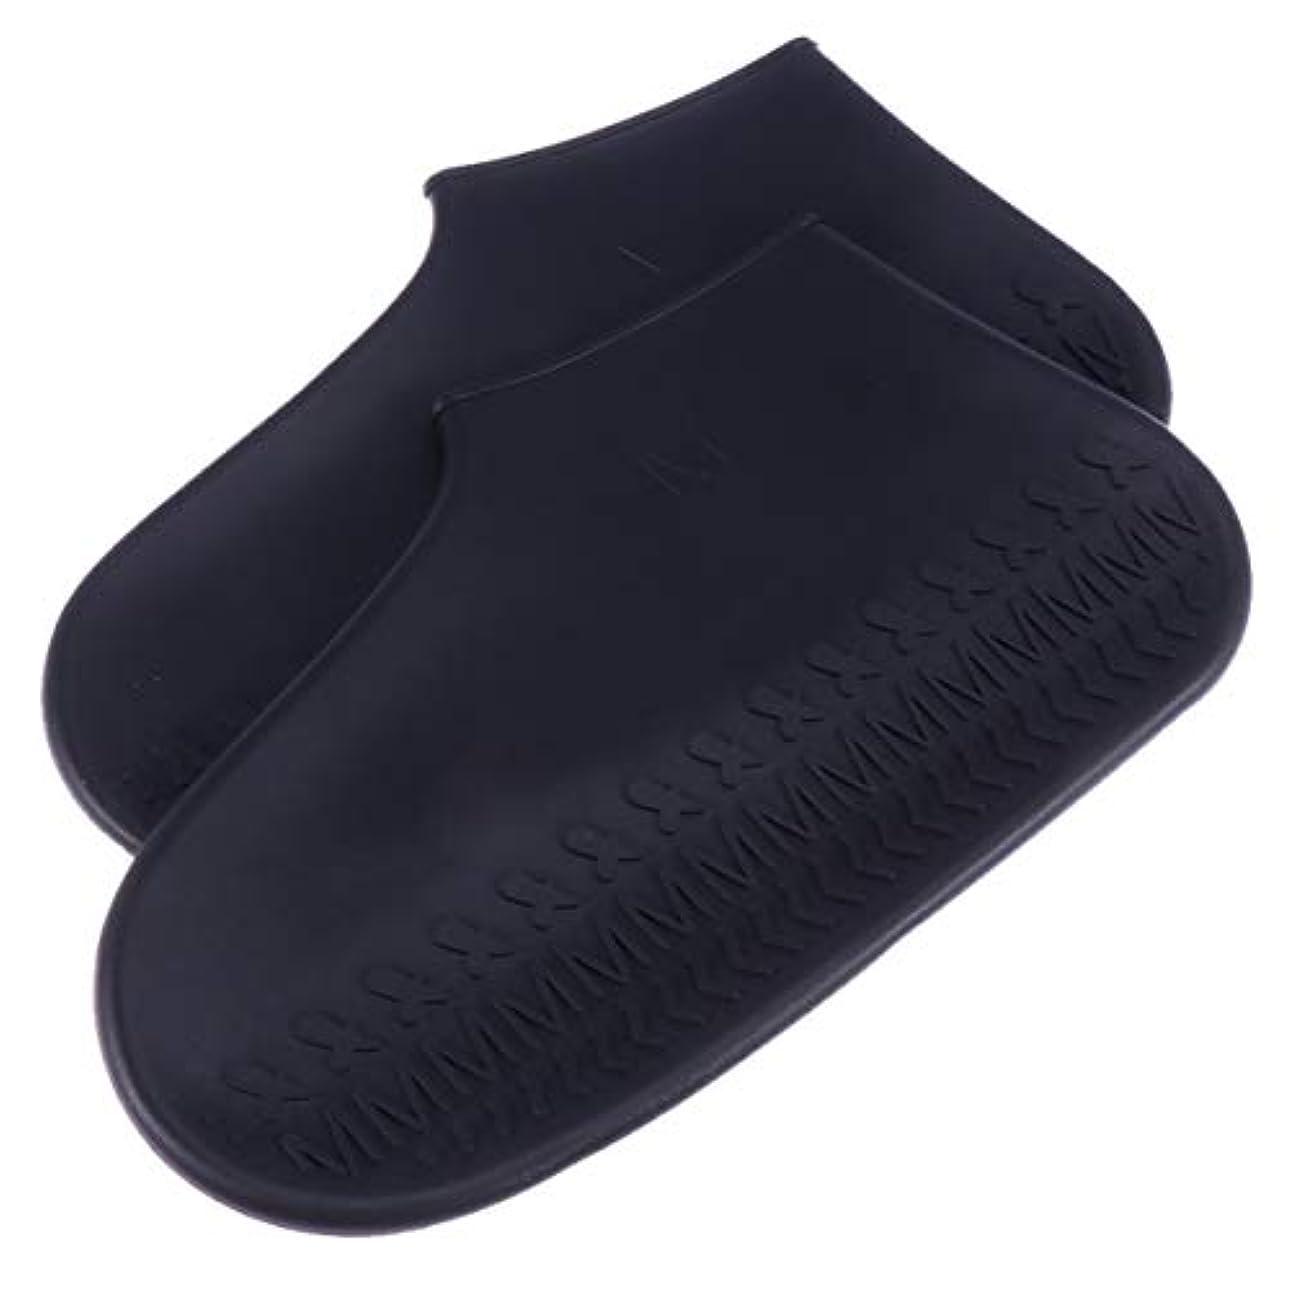 ゴールデン包帯羊の服を着た狼Healifty 靴カバーは、職場、医療、屋内、または車のカーペットの床保護サイズs(黒)用の耐摩耗性レインブーツカバー